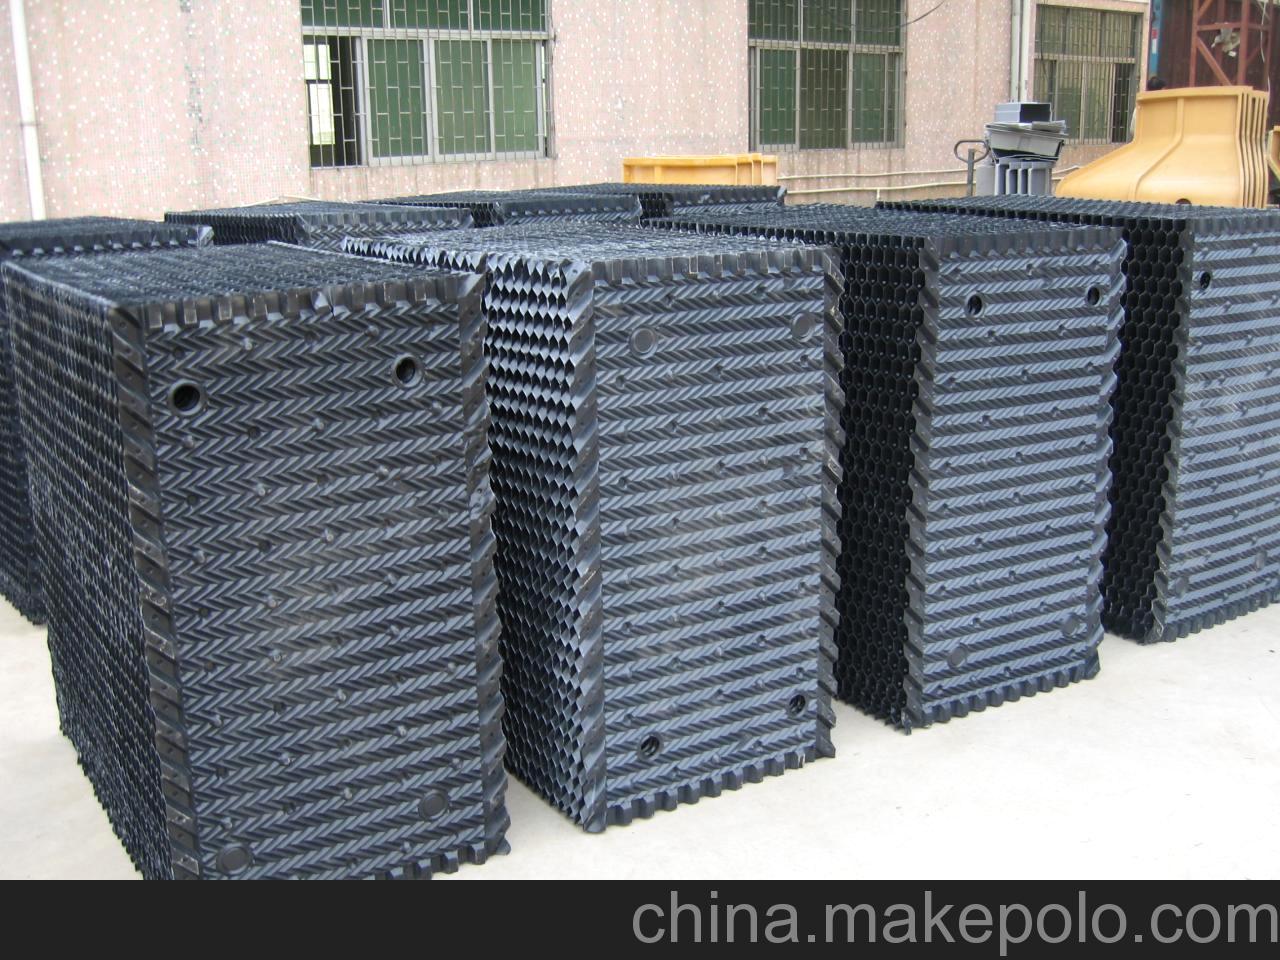 河北宏润玻璃钢有限公司 联系人 :仝彪 电话 :0318-8588718 手机 :13393088618 一、性能及用途 该产品结构设计新颖,亲水面积大,冷却效果好、主要用于工业逆流冷却塔、电厂双曲线水泥冷却塔。 二、规格:长度500-1000mm、宽度500mm、塑片厚度0.40-0.60mm. 蜂窝填料 一、性能及用途 本品有聚氯乙烯、聚丙烯淋水片,经加热模压成型制得塑料蜂窝填料。有无捻玻璃布作增强填料制得玻璃钢蜂窝填料。广泛应用于给排水处理的沉淀工艺中,具有适用范围广、沉淀效果佳、占地面积小等优点。